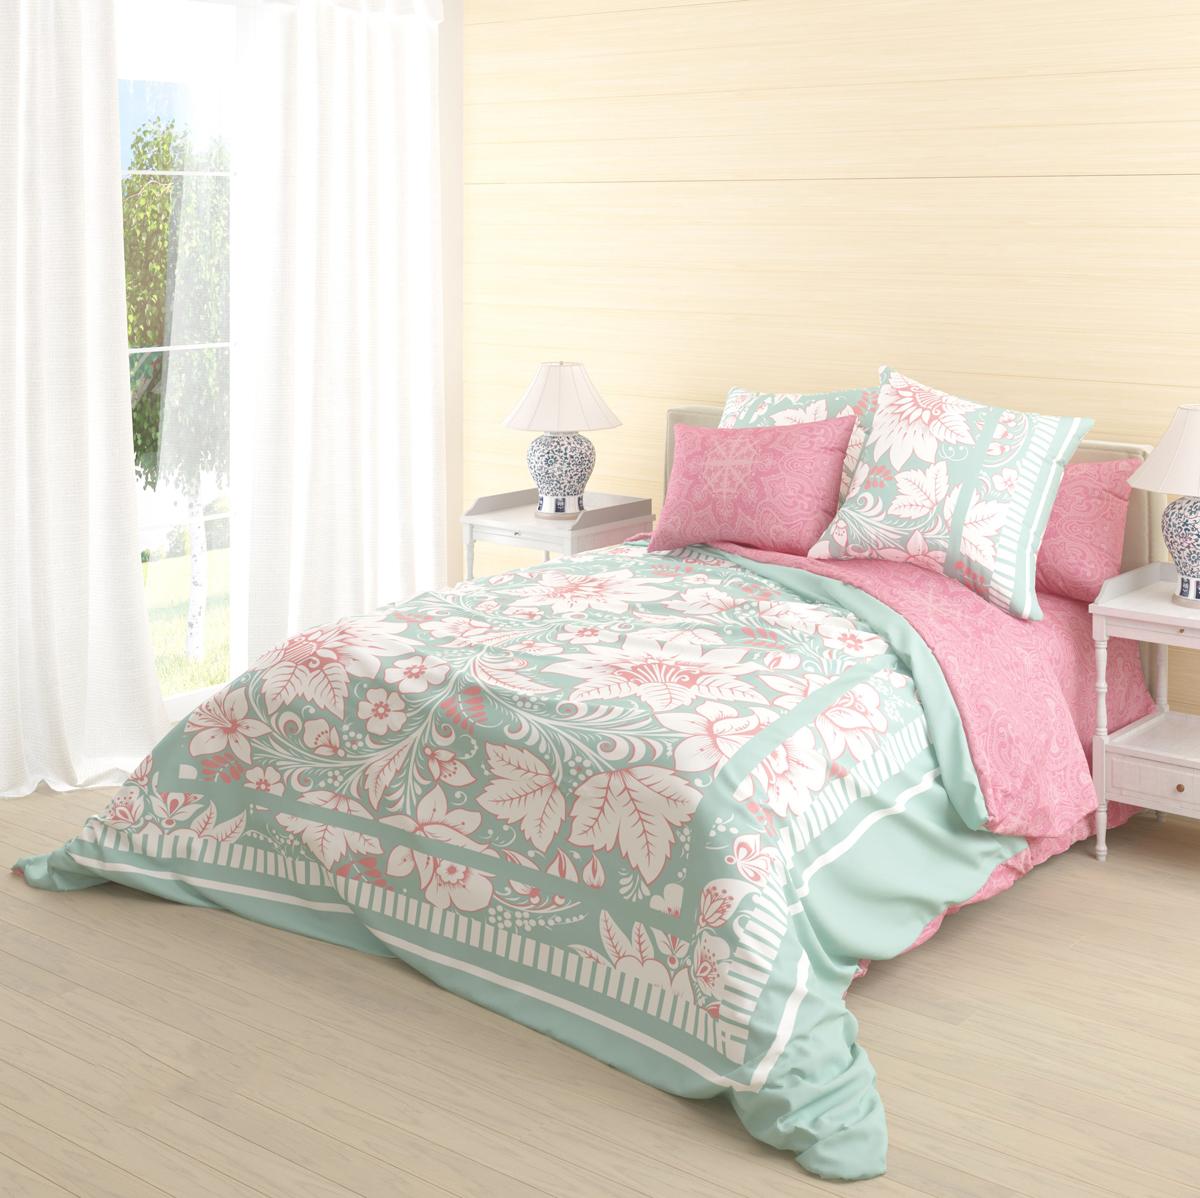 Комплект белья Волшебная ночь Biruza, 1,5-спальный, наволочки 50х70 см постельное белье волшебная ночь алярус biruza комплект 2 спальный ранфорс 718651